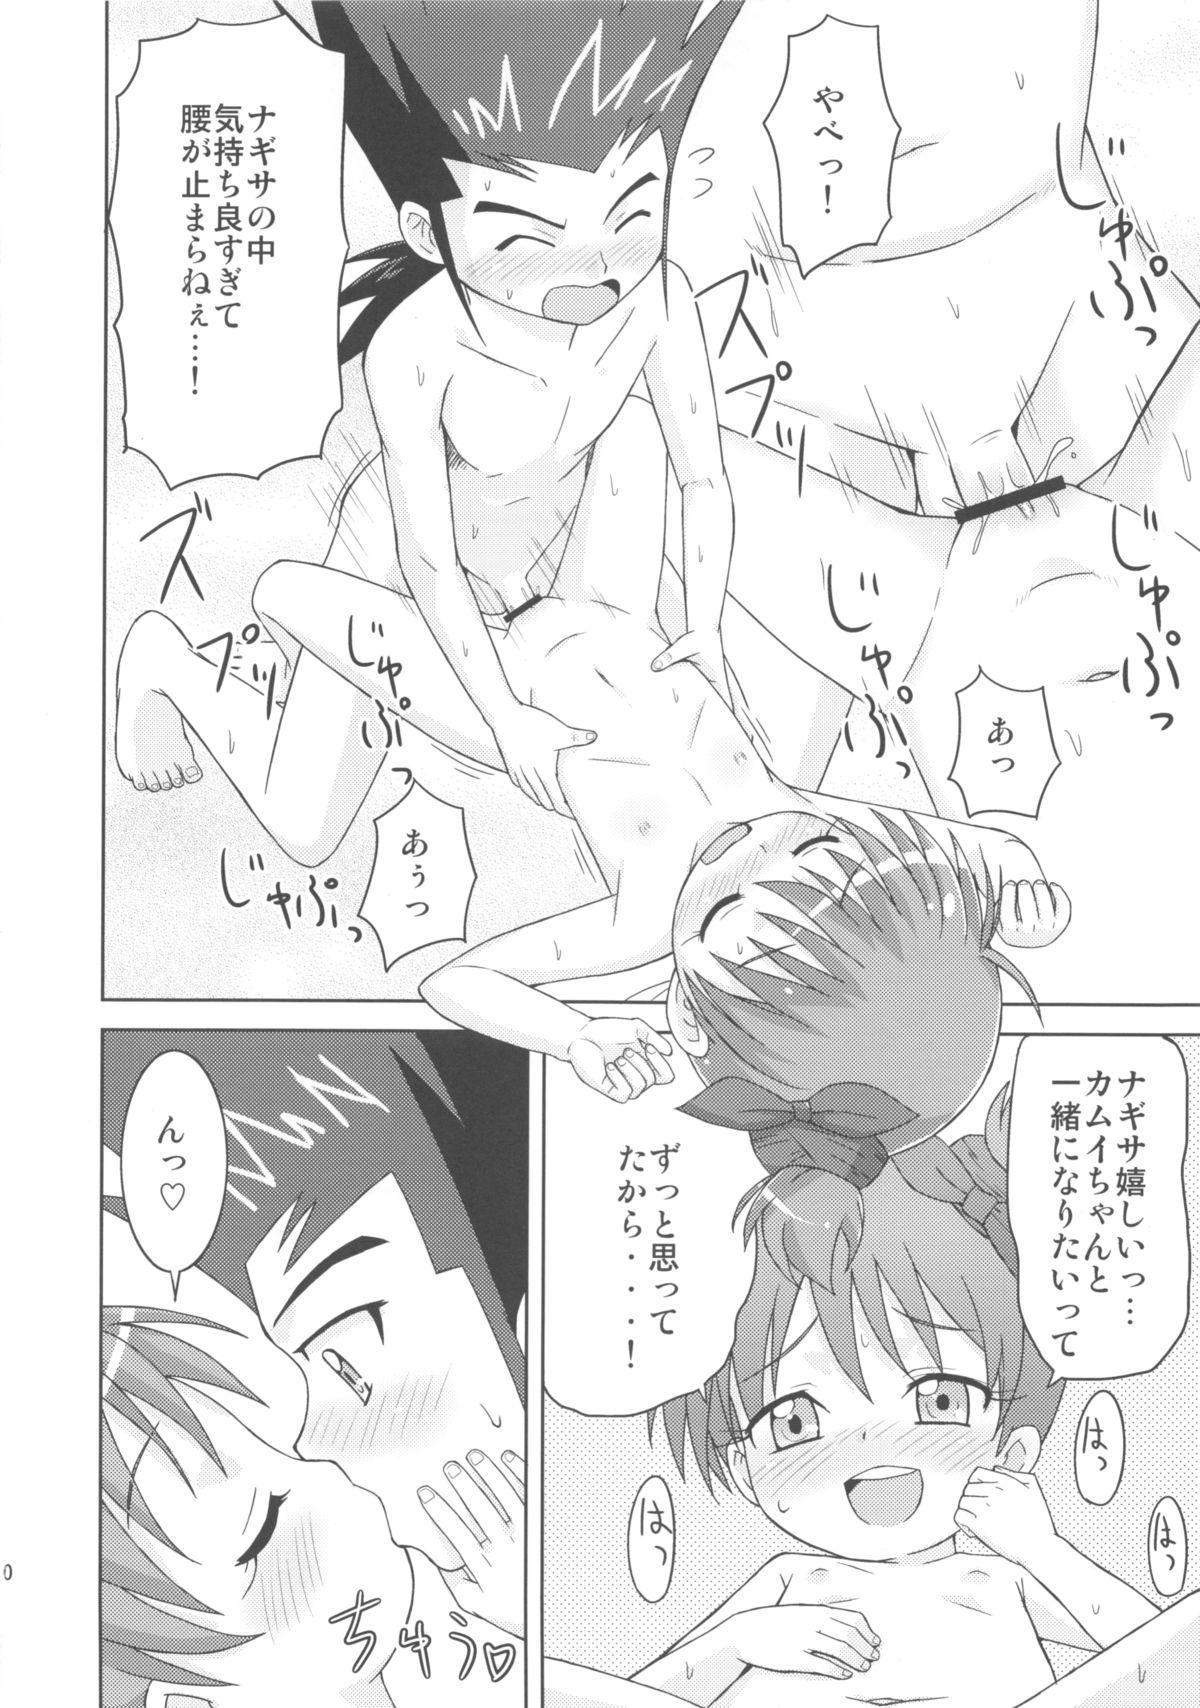 (Puniket 27) [Tori no Ya (Mashikodori)] Kamui-kun to Nagisa-chan to. (Cardfight!! Vanguard) 19